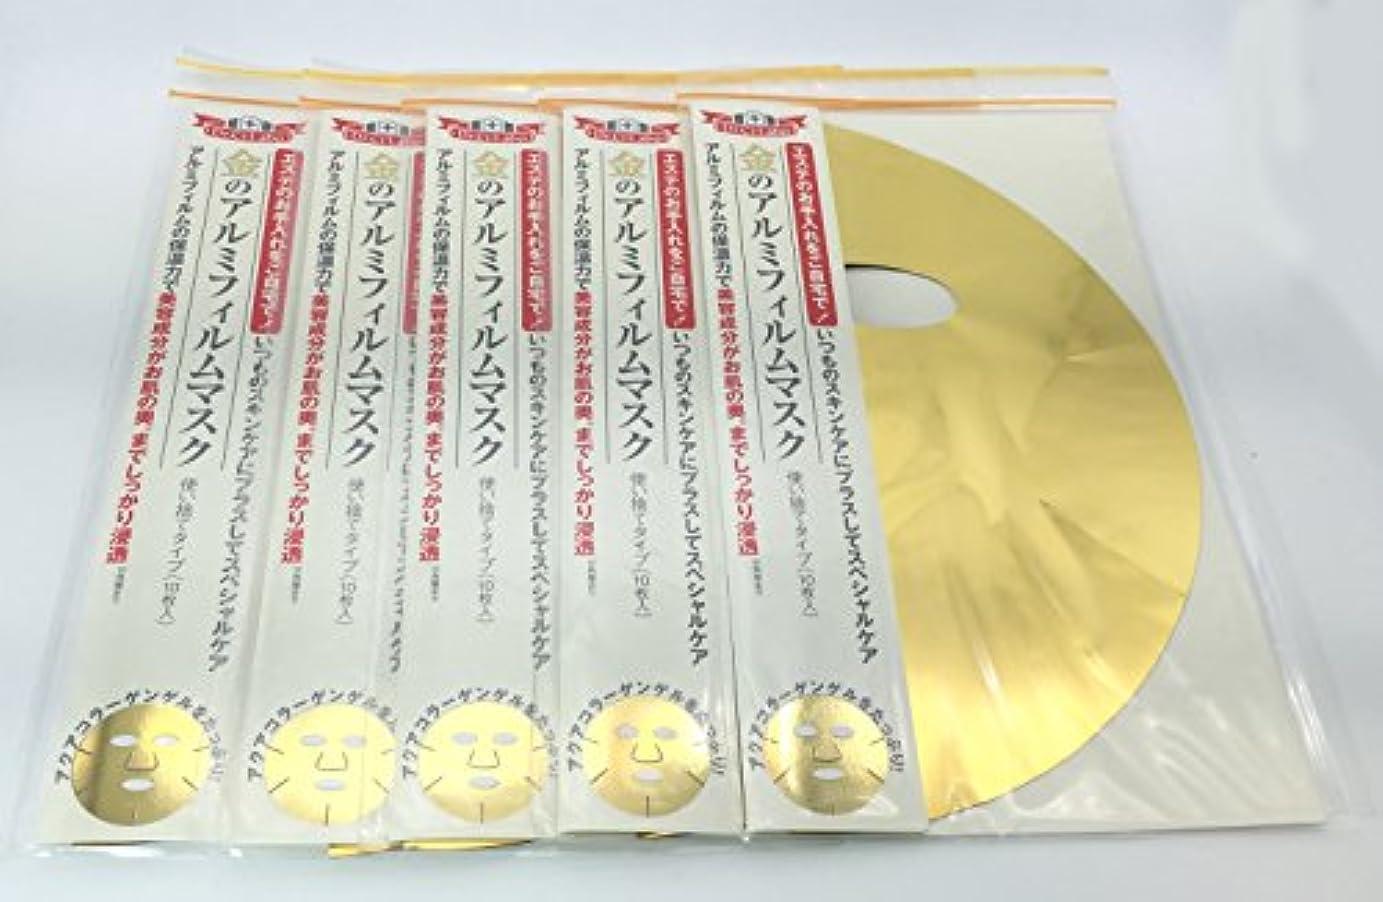 マリン磁器学部長ドクターシーラボ 金のアルミフィルムマスク 使い捨てタイプ10枚入 5個セット(合計50枚)